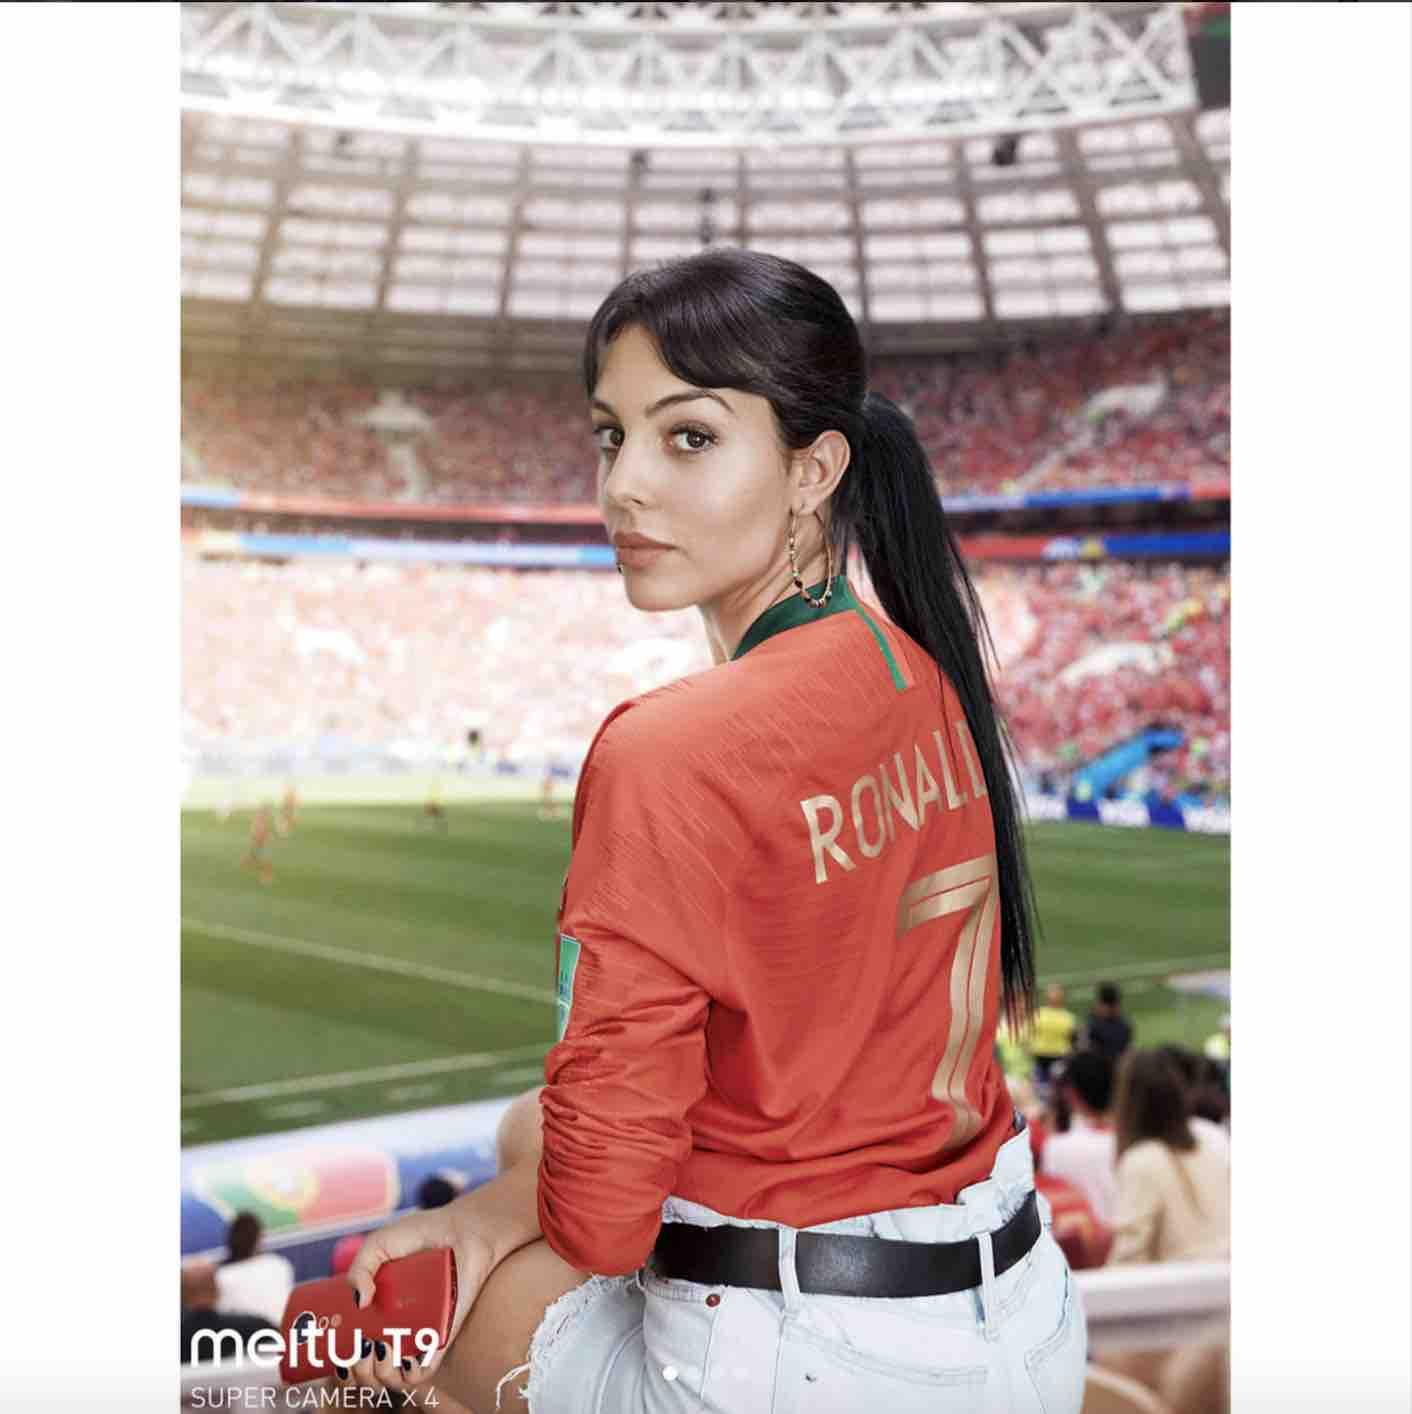 Cristiano Ronaldo dopo l'arrivo alla Juve sposa Georgina in Italia? Il gossip